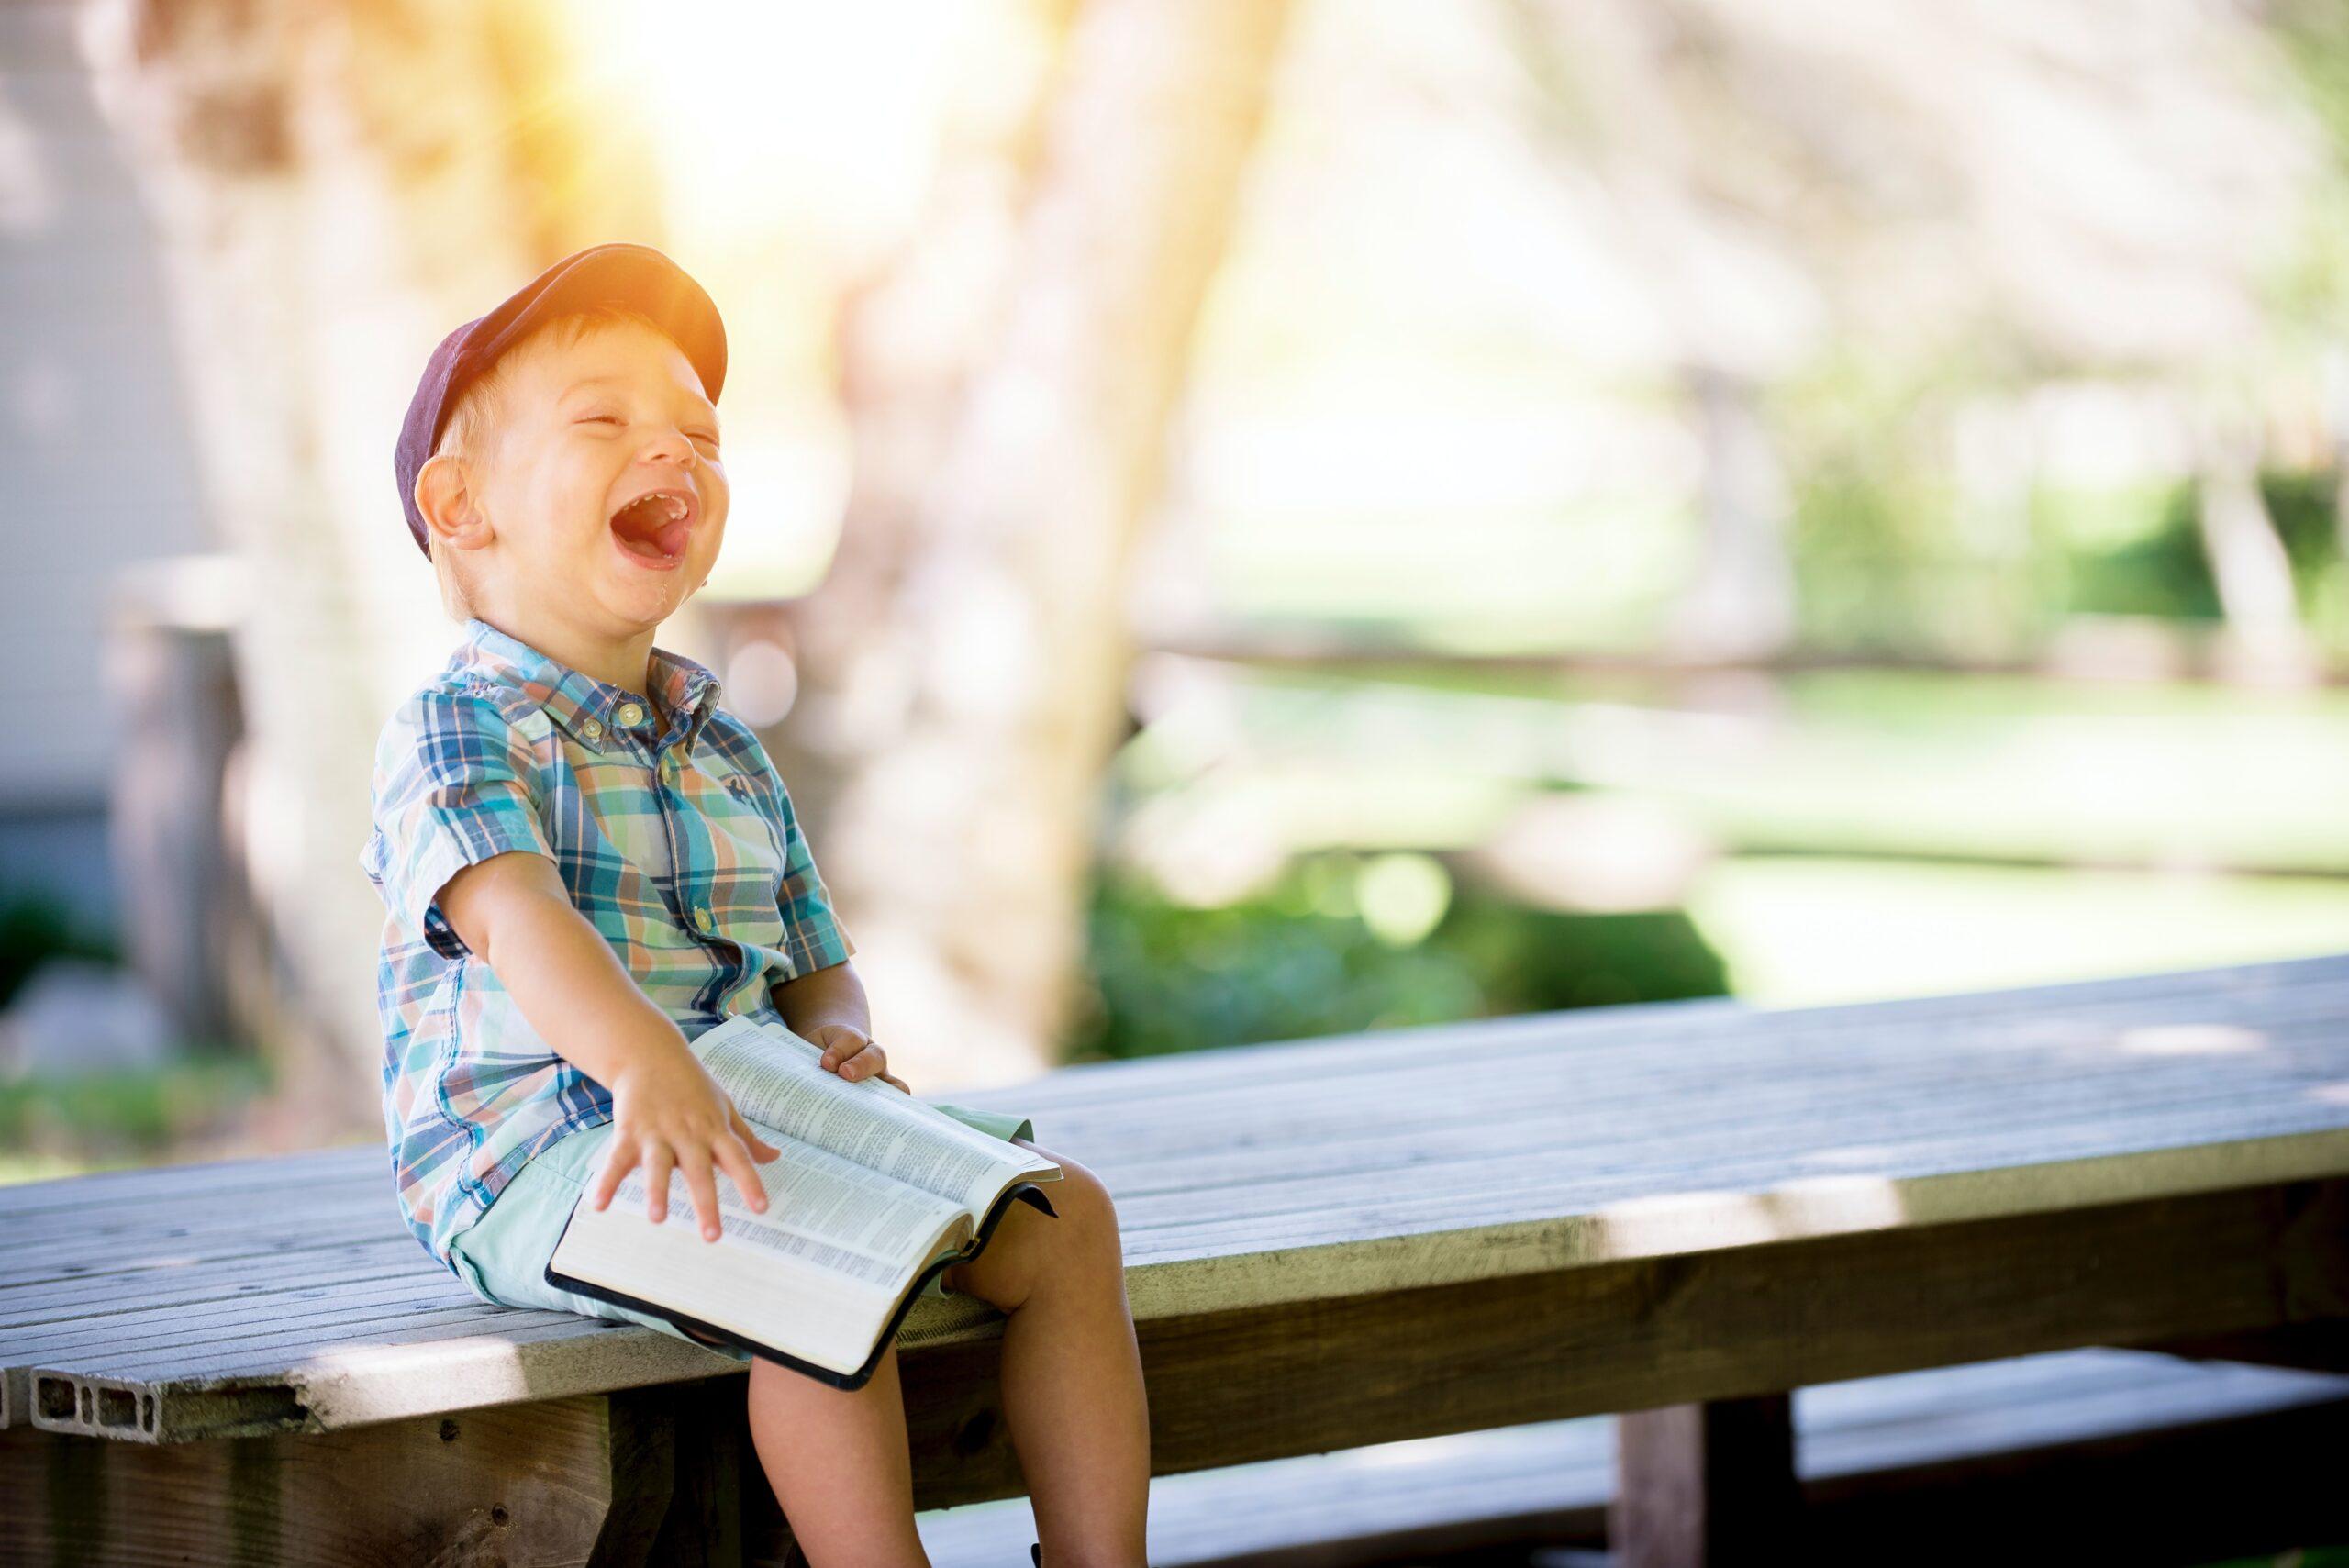 子どもの習い事はいつから?乳幼児期のおすすめは?